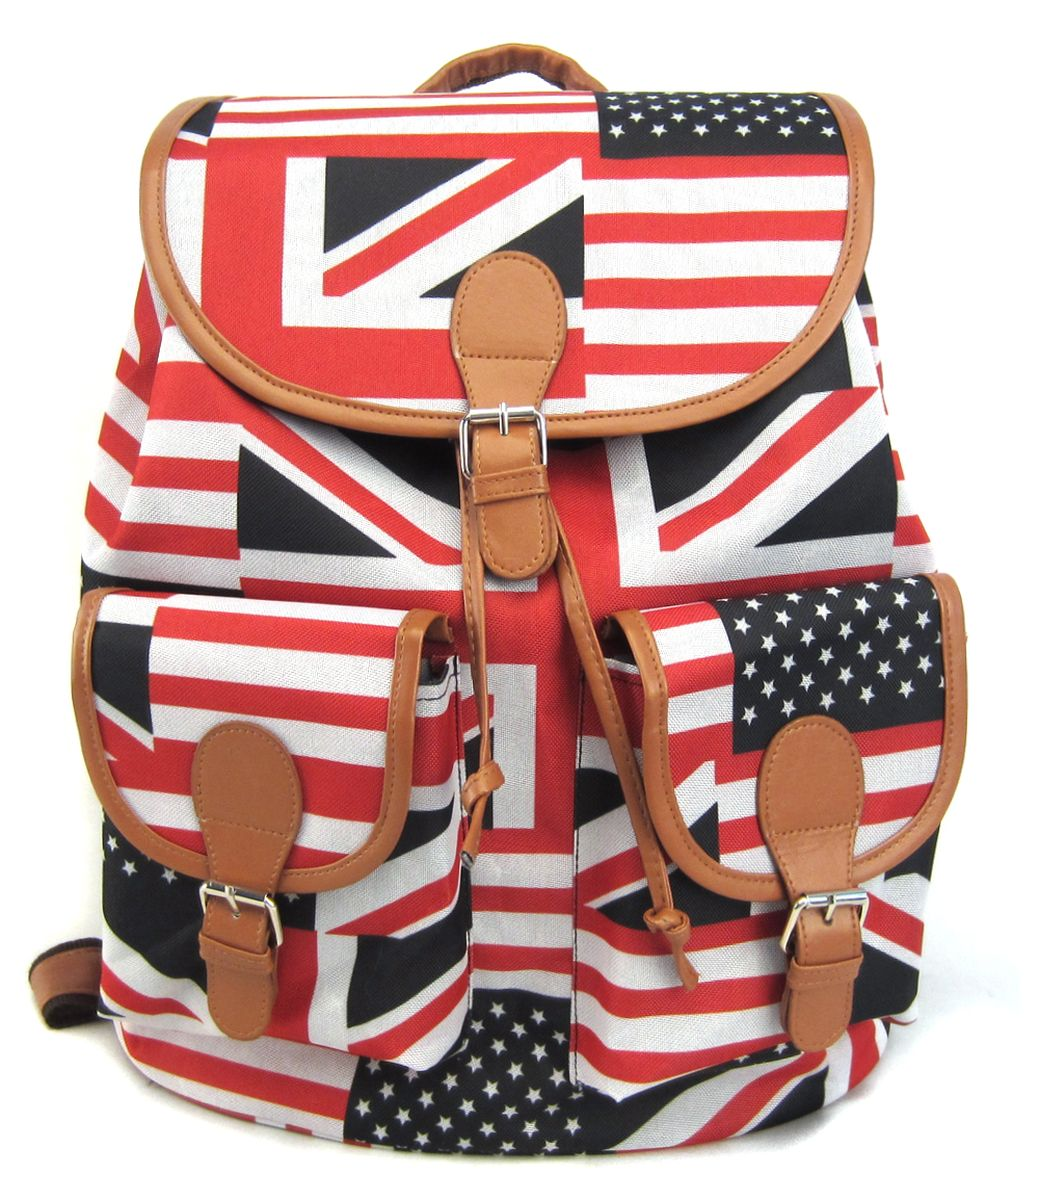 Рюкзак молодежный Creative British Flag, цвет: мультиколор, 23 лMHDR2G/AРюкзак молодежный Creative American Flag - лаконичная и очень удобная модель, в которую поместится все: школьные принадлежности и завтрак, спортивная форма, любимые игрушки, ноутбук. Подвесная система позволяет регулировать лямки и тем самым адаптировать изделие под рост владельца. Мягкие лямки обеспечат комфорт даже при длительном ношении рюкзака. Внутреннее пространство рюкзака вместит всё необходимое. Благодаря текстильной ручке рюкзак можно повесить. Выполнен рюкзак из влагостойкой ткани. Этот рюкзак - точно выделит своего владельца из толпы и привлечет к нему множество заинтересованных взглядов.